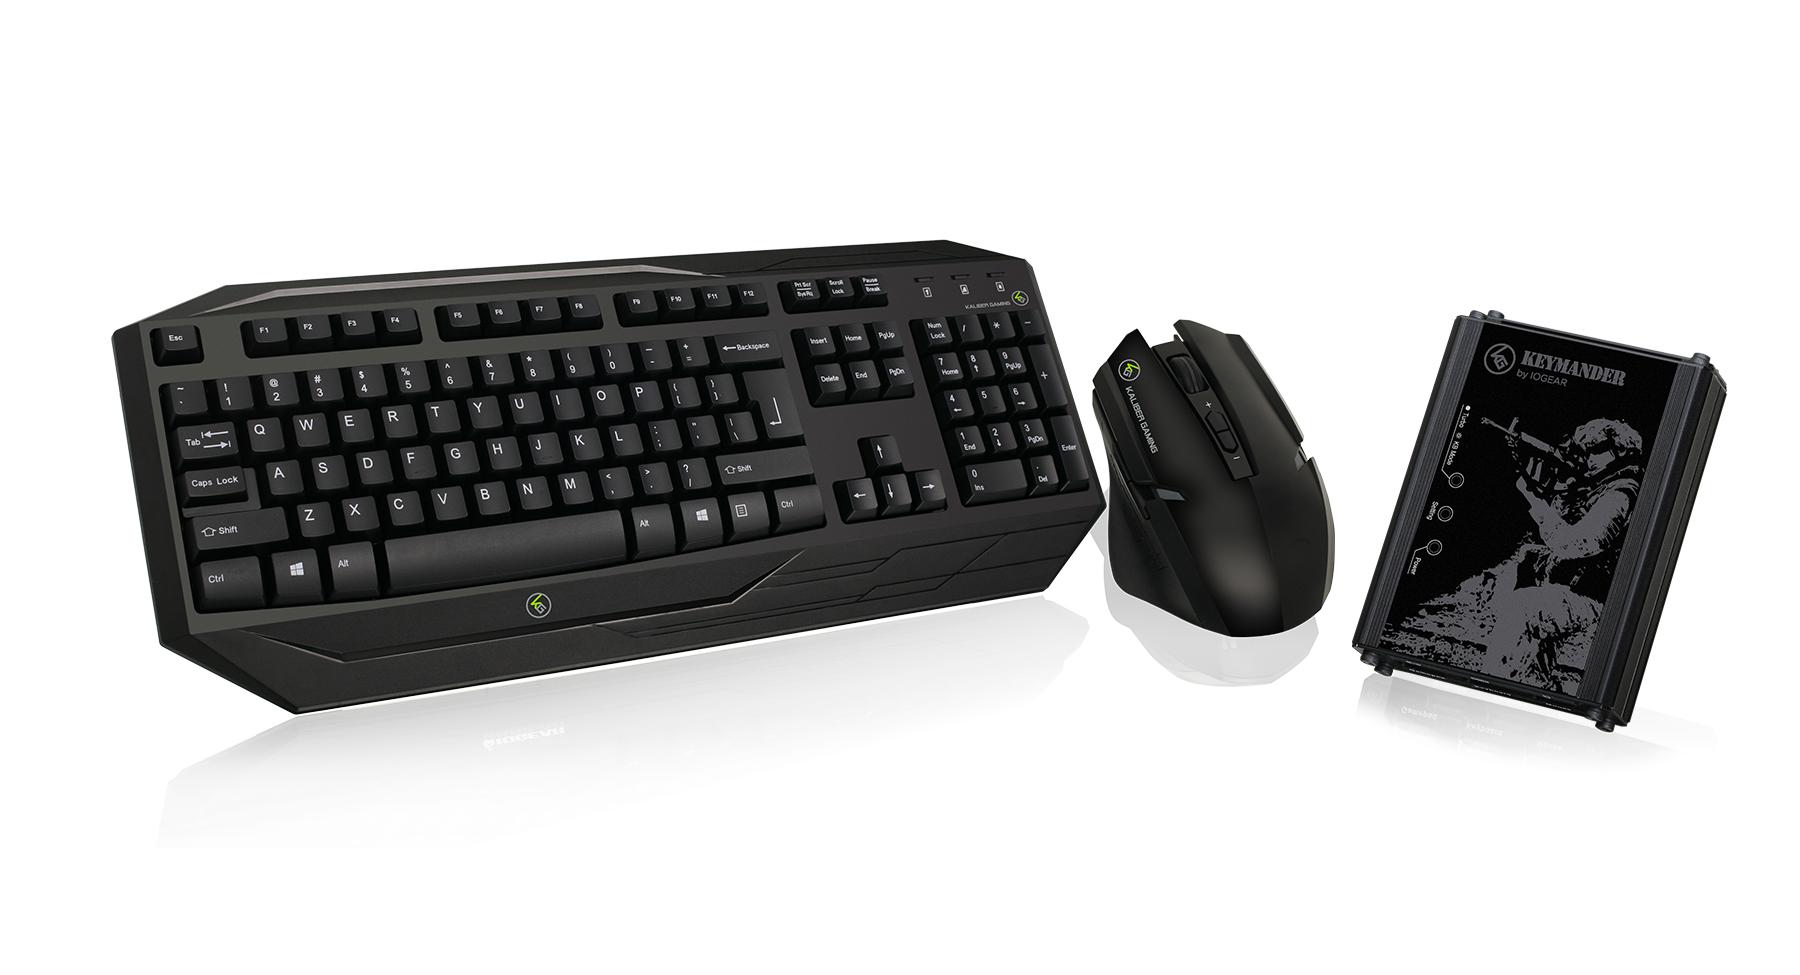 IOGEAR - GE1337PKIT - KeyMander Wireless Keyboard & Mouse Bundle